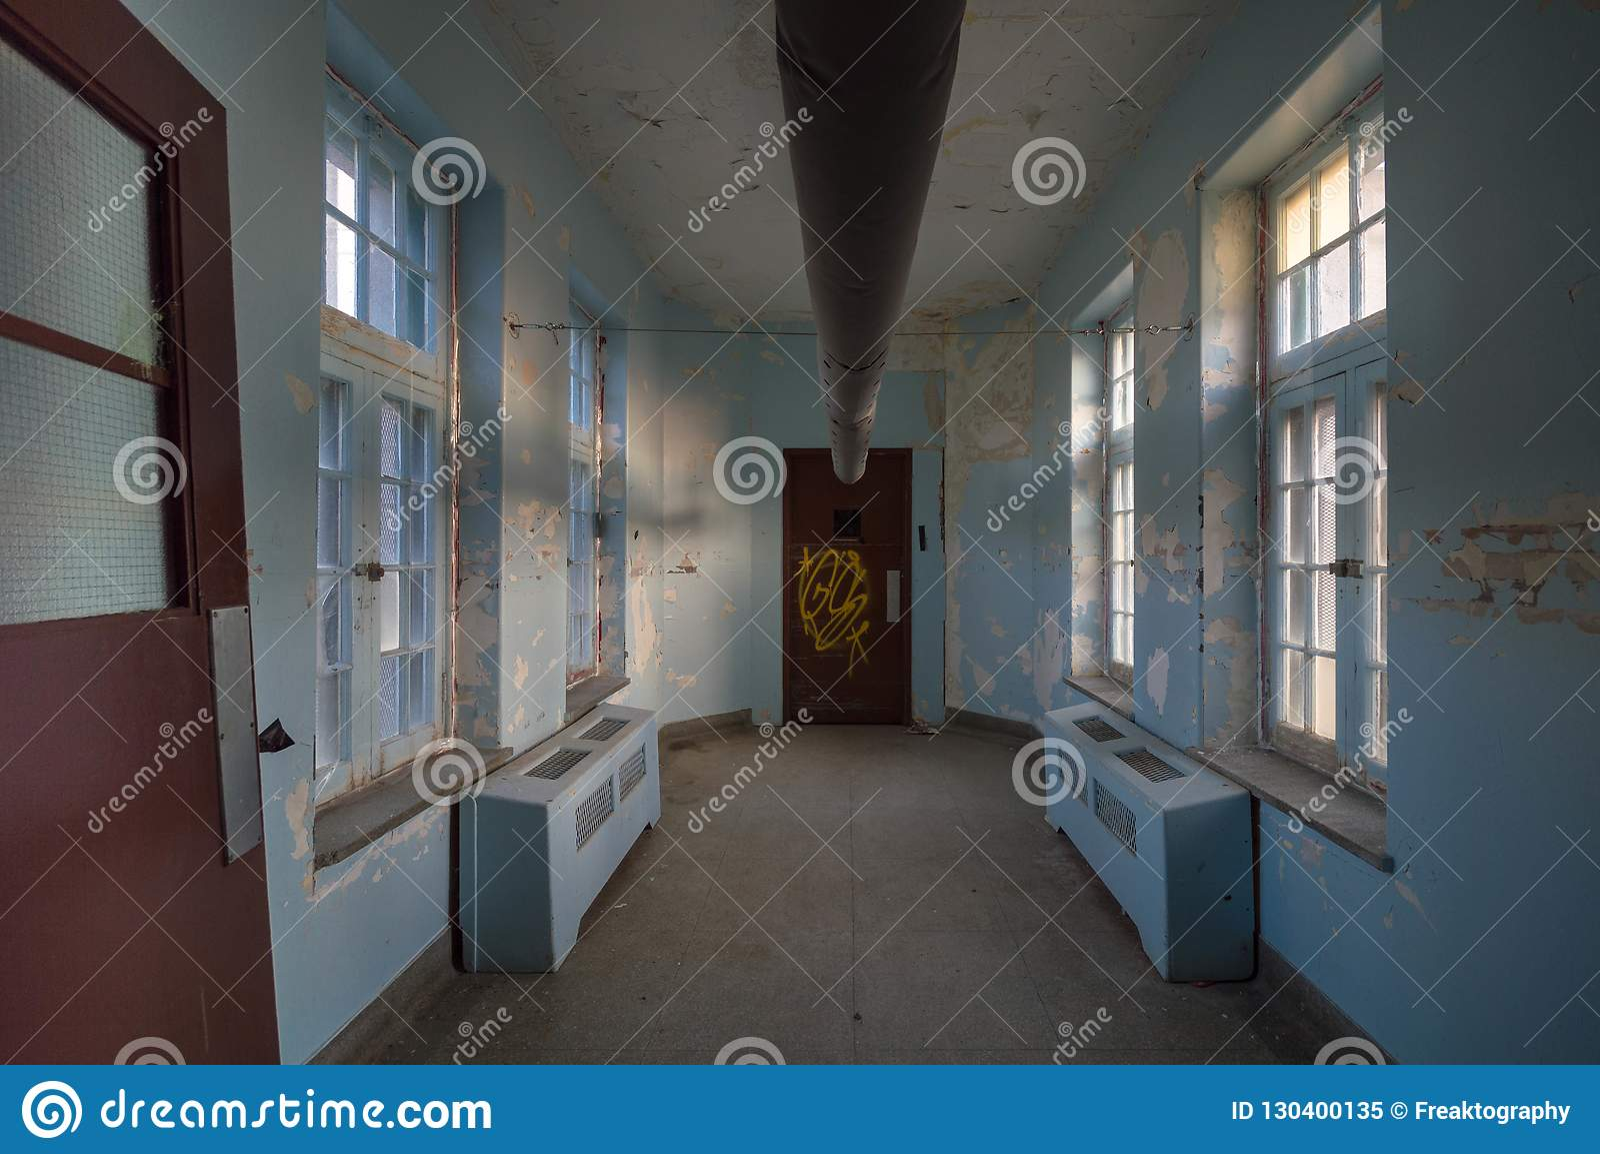 Abandoned Asylum For The Criminally Insane Urban Exploring Stock Image Image Of Freaktography Mental 130400135